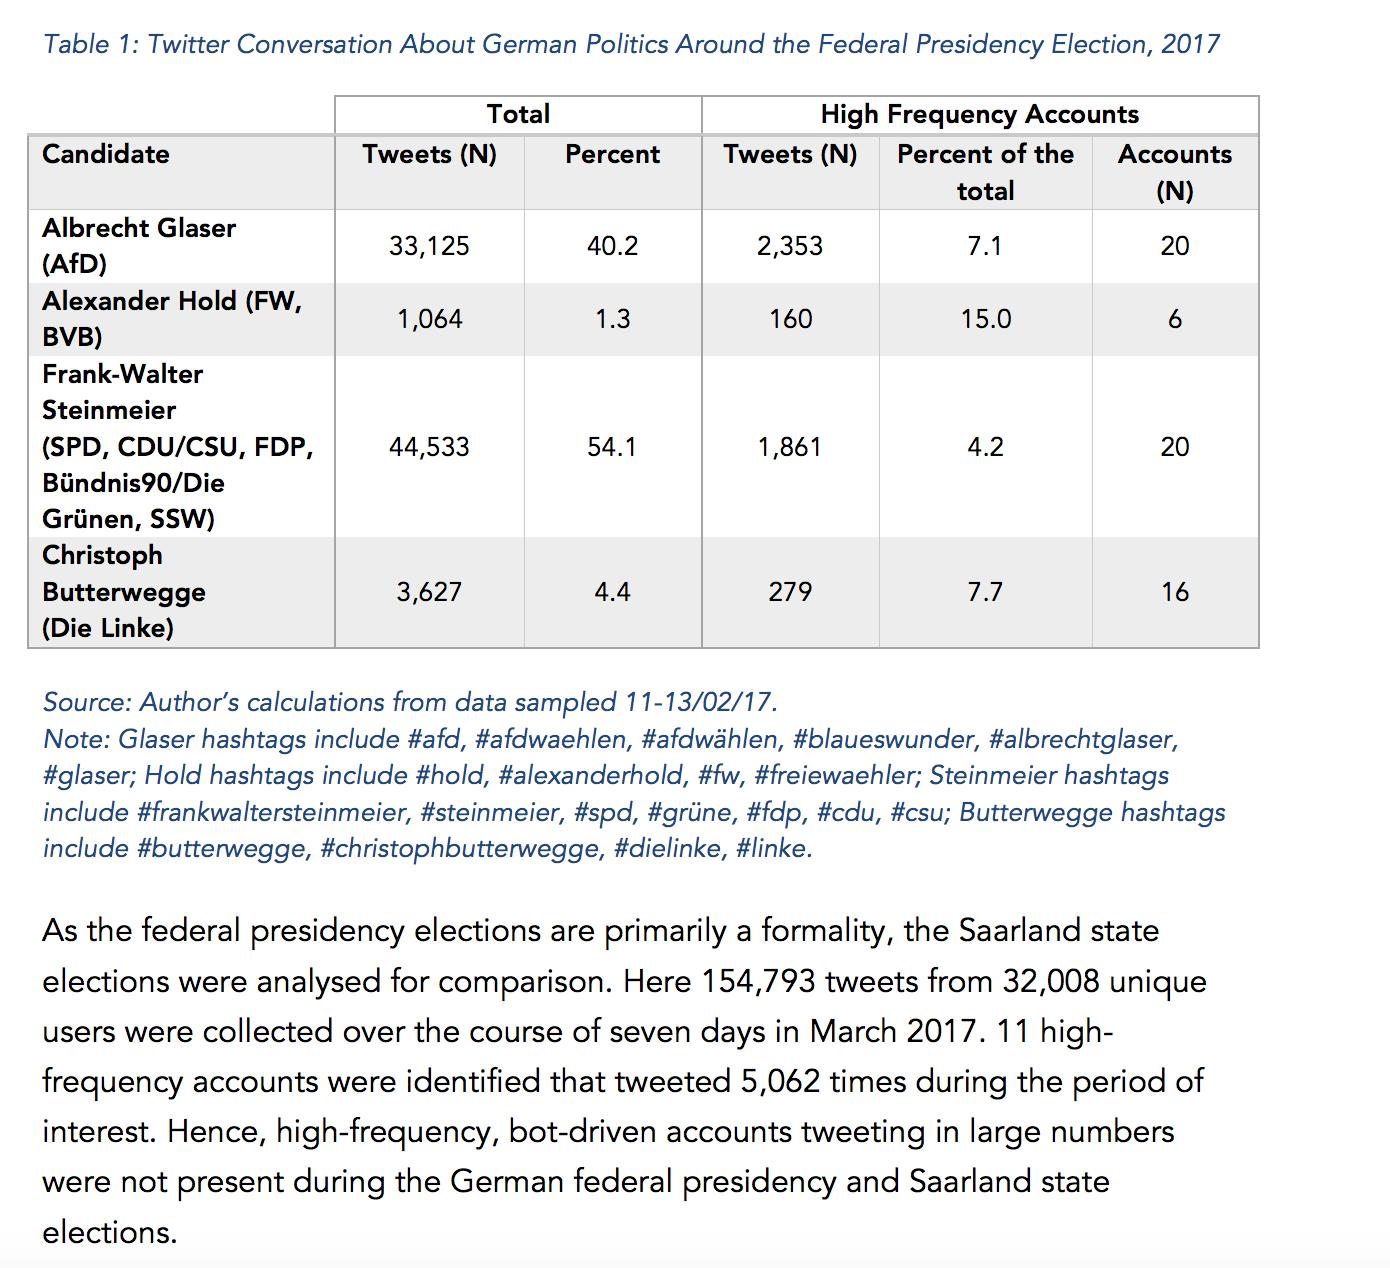 US Präsidentschaftswahlen 2016 - Software-Bots wurden in grosser Zahl eingesetzt. Ihre Propagandabotschaften wurden oft weitergeleitet.  DE Präsidentschaftswahlen 2017 - Hier ist di Aktivität von Bots gering, grossen Parteien haben sich verpflichtet, im Wahlkampf keine Bots einzusetzen. Das sieht man in dieser Tabelle - Frank-Walter Steinmeier...